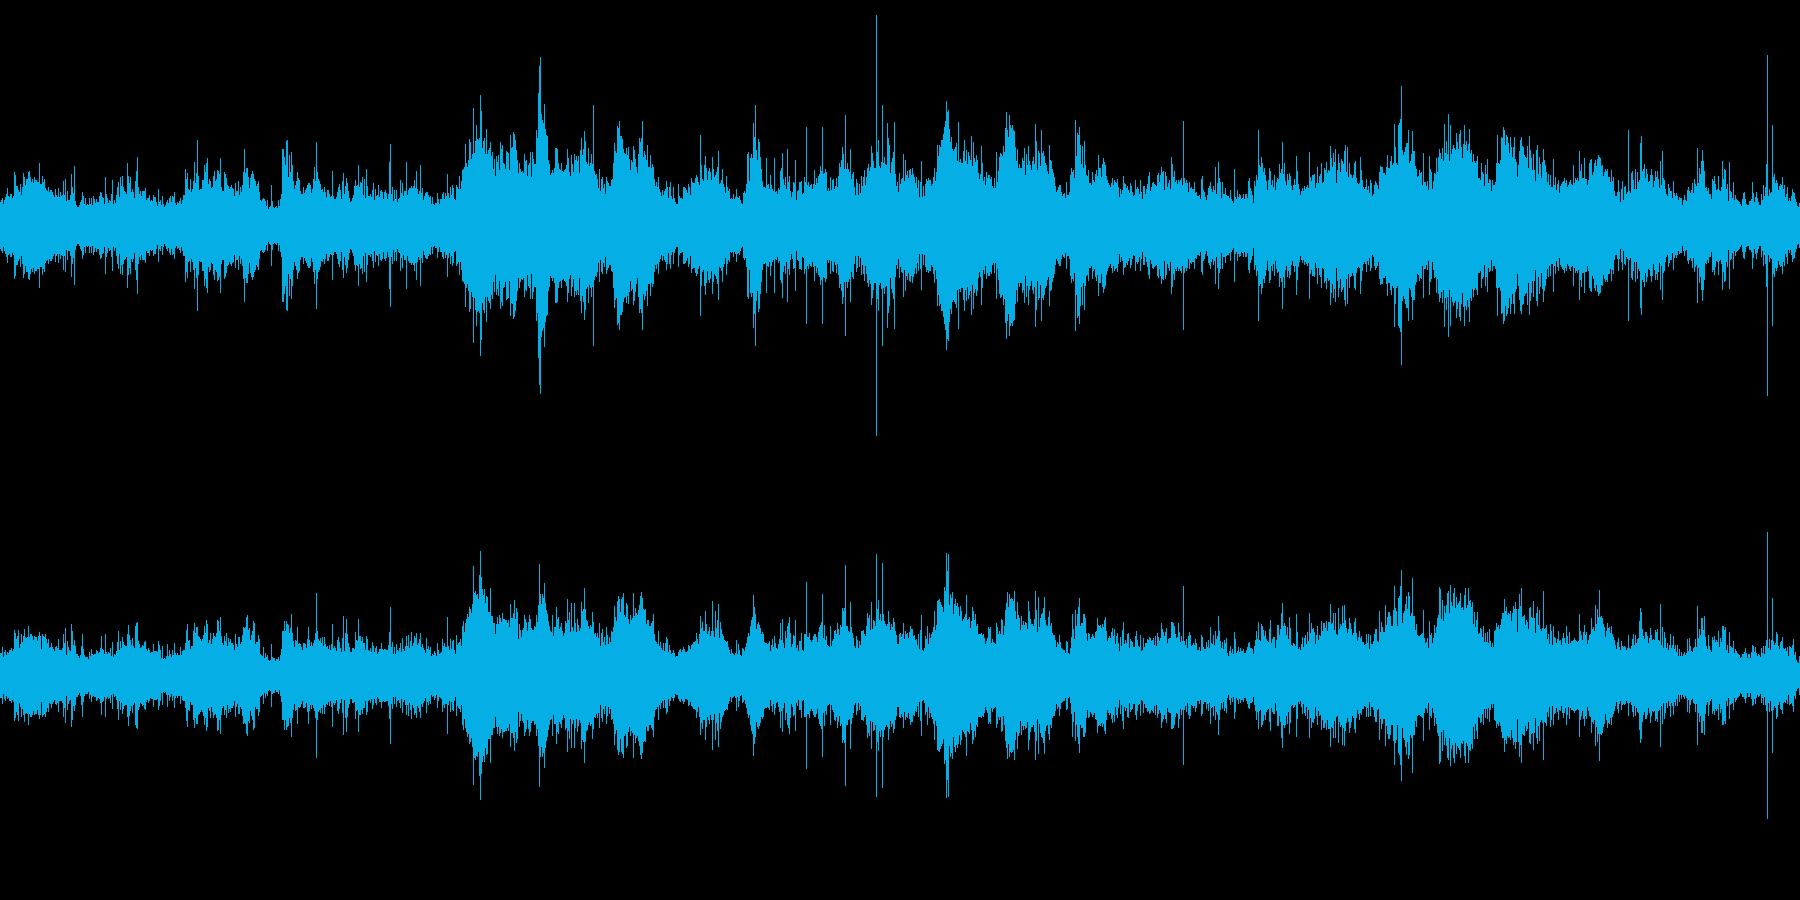 ループ再生用・波音・流れ込む海水の再生済みの波形